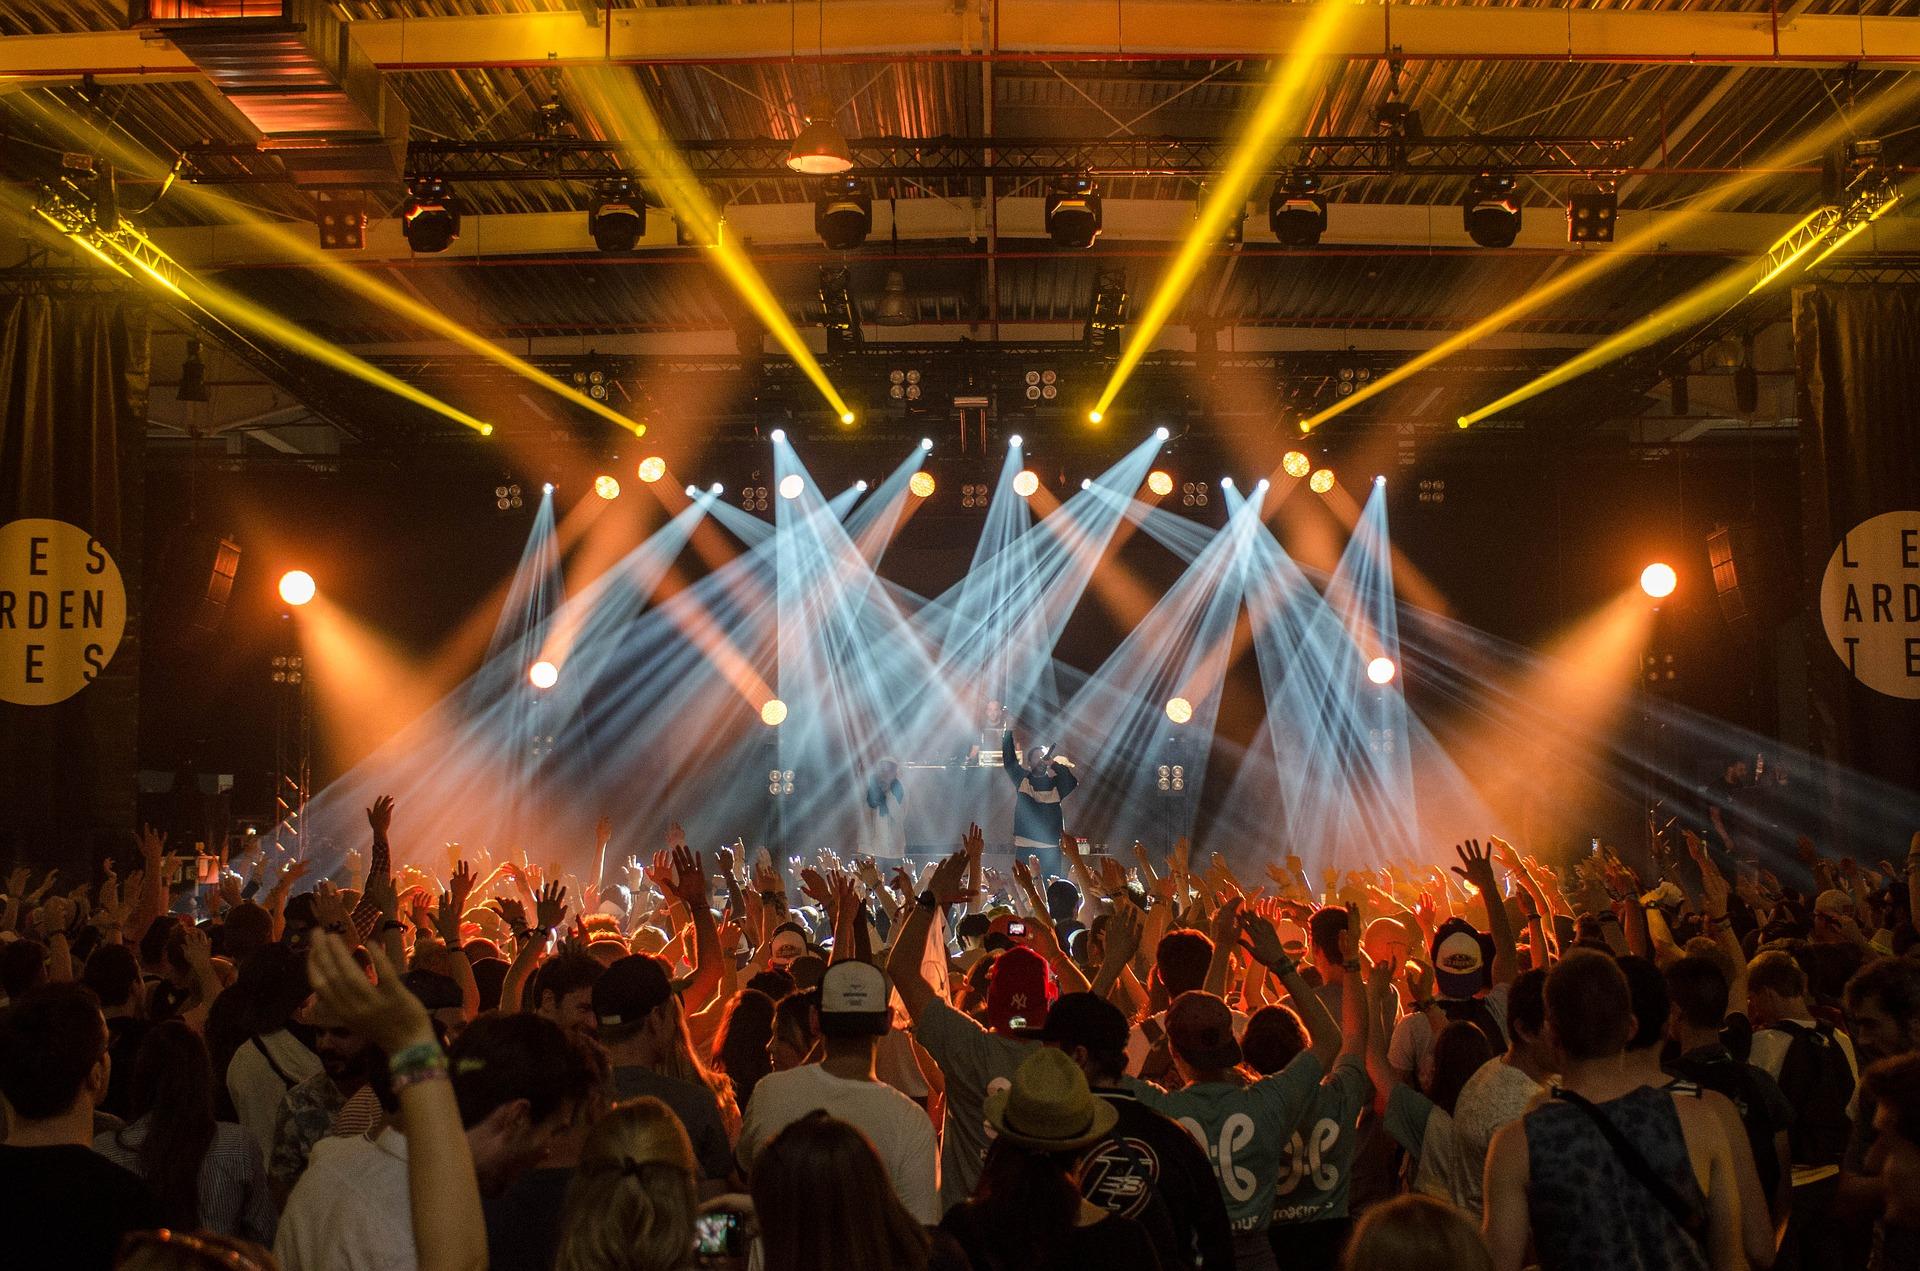 Lichttechnik Scheinwerfer vor Menschenmenge auf Konzert